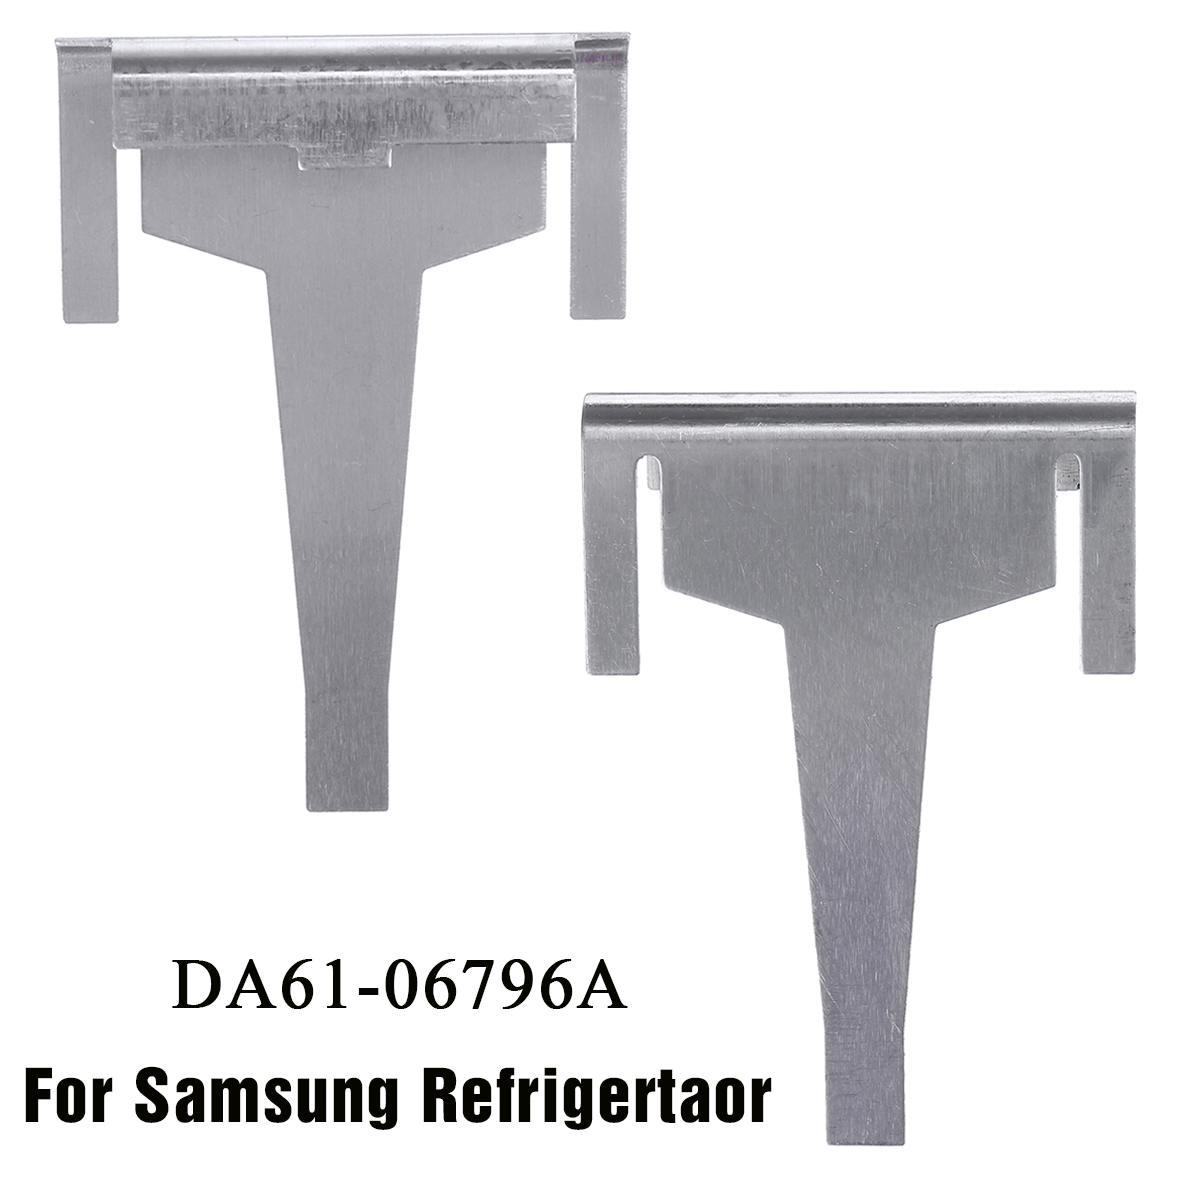 1PCS Metal Refrigerator Evaporator Drain Clip For Samsung Fridge Freezer DA61-06796A 1870872 1718552